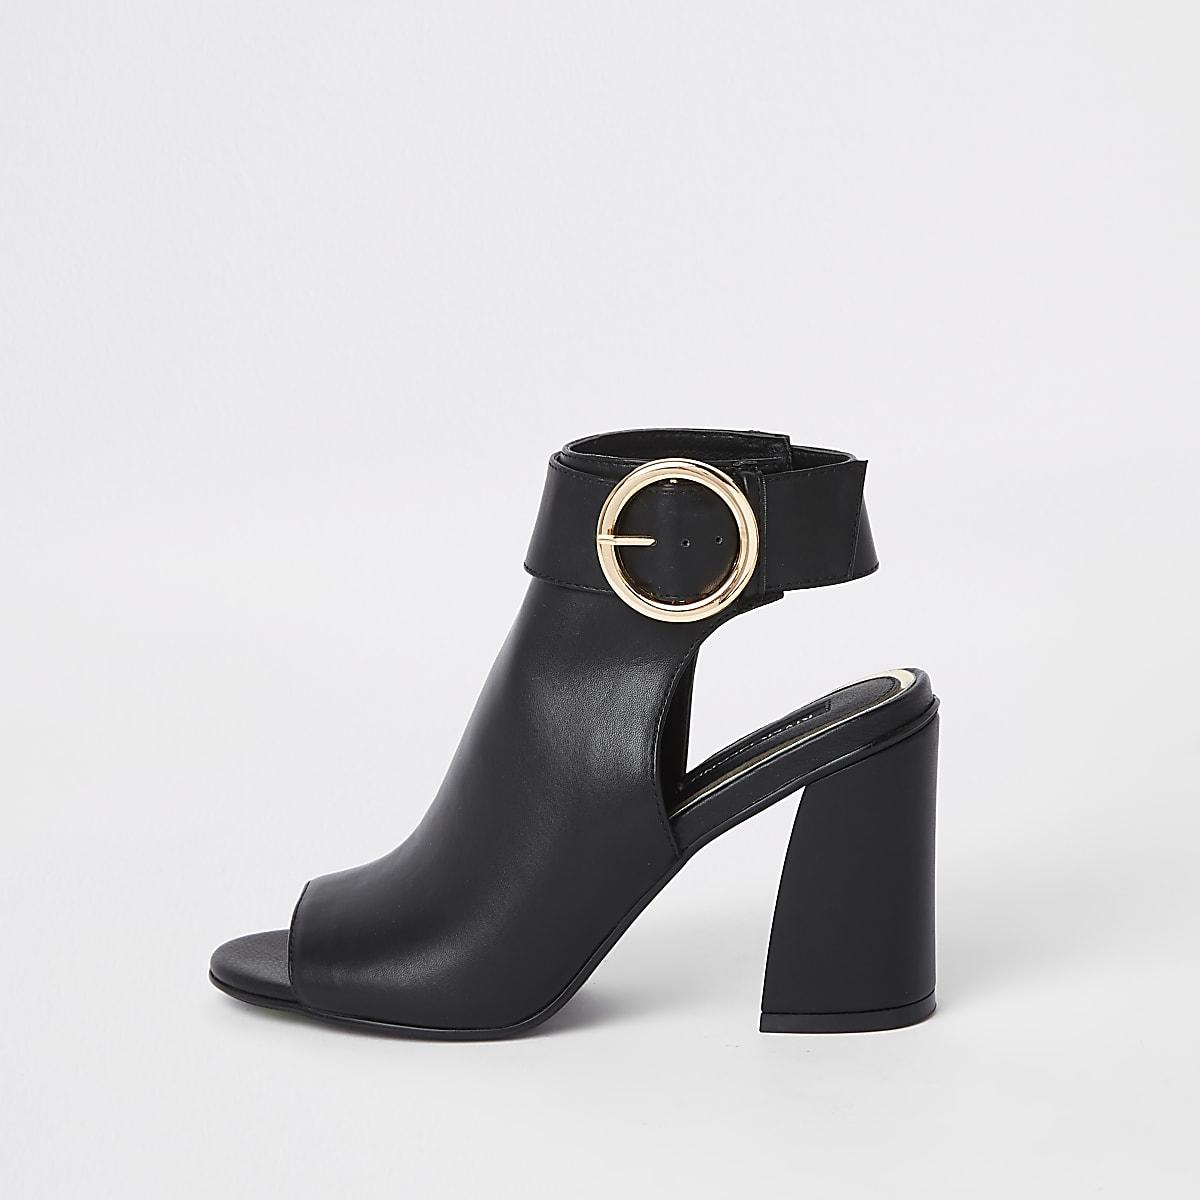 Zwarte schoenlaarsjes met gesp en bandje om de enkel